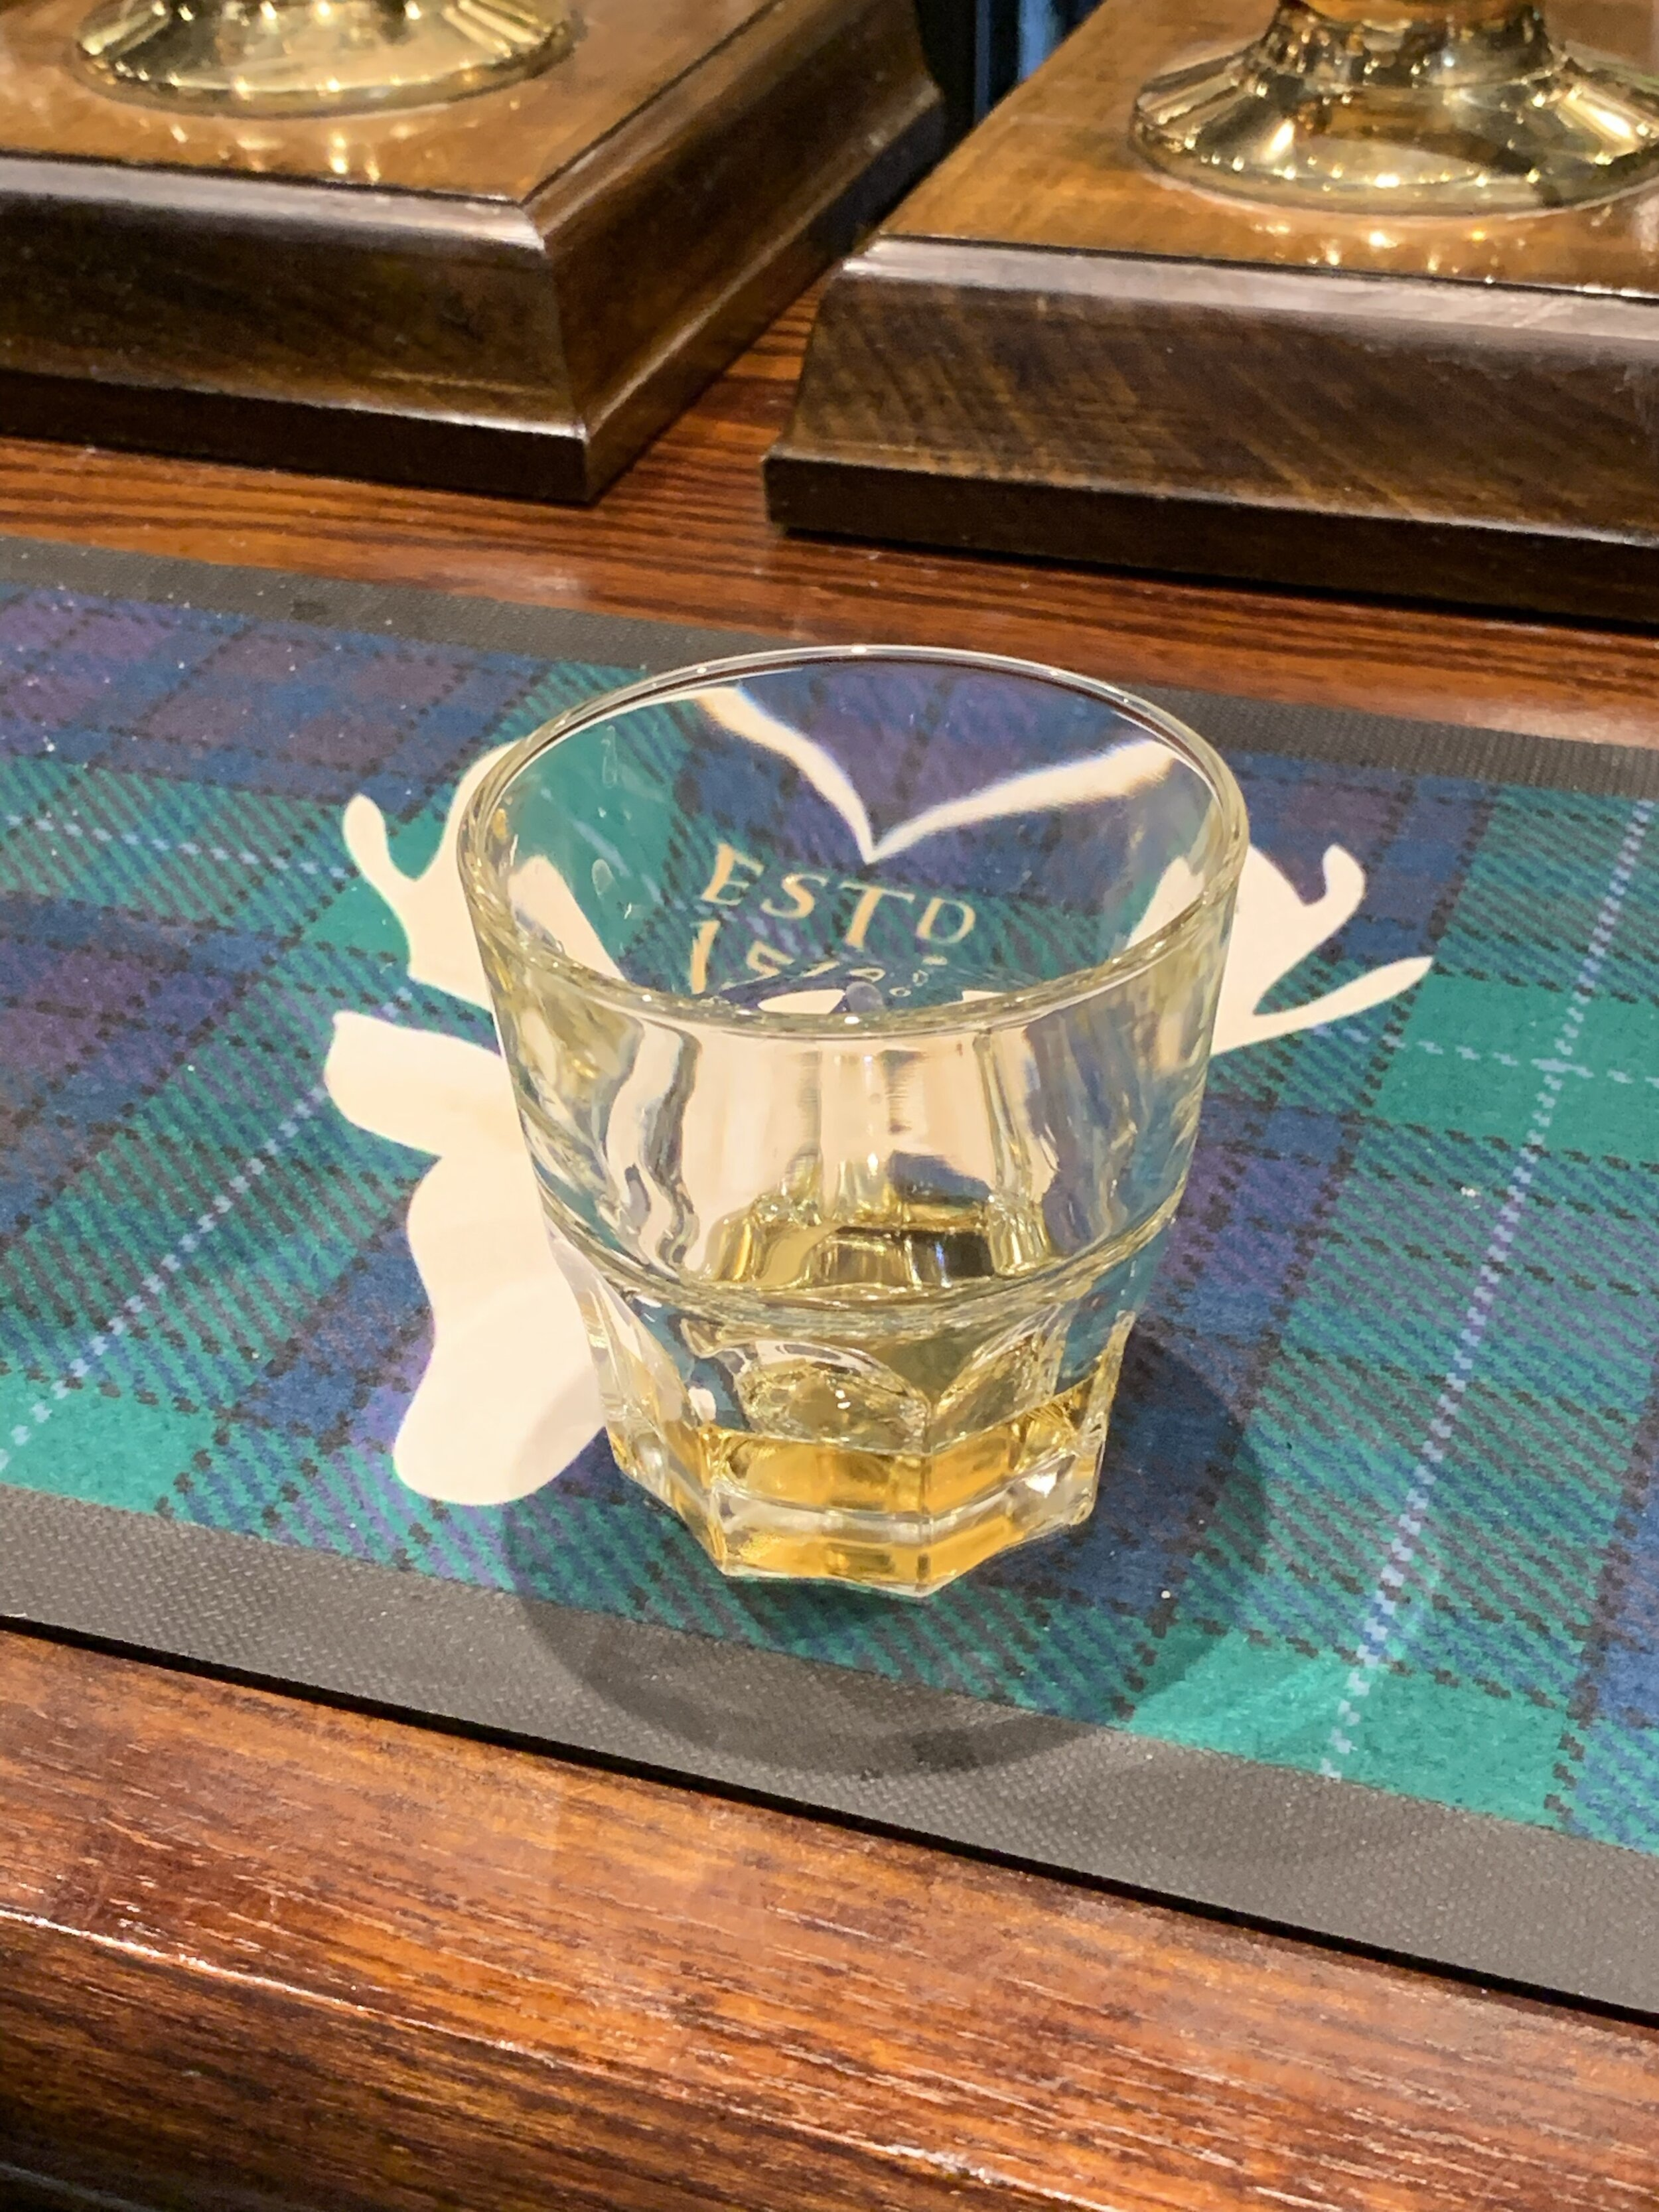 My First Scotch in Scotland